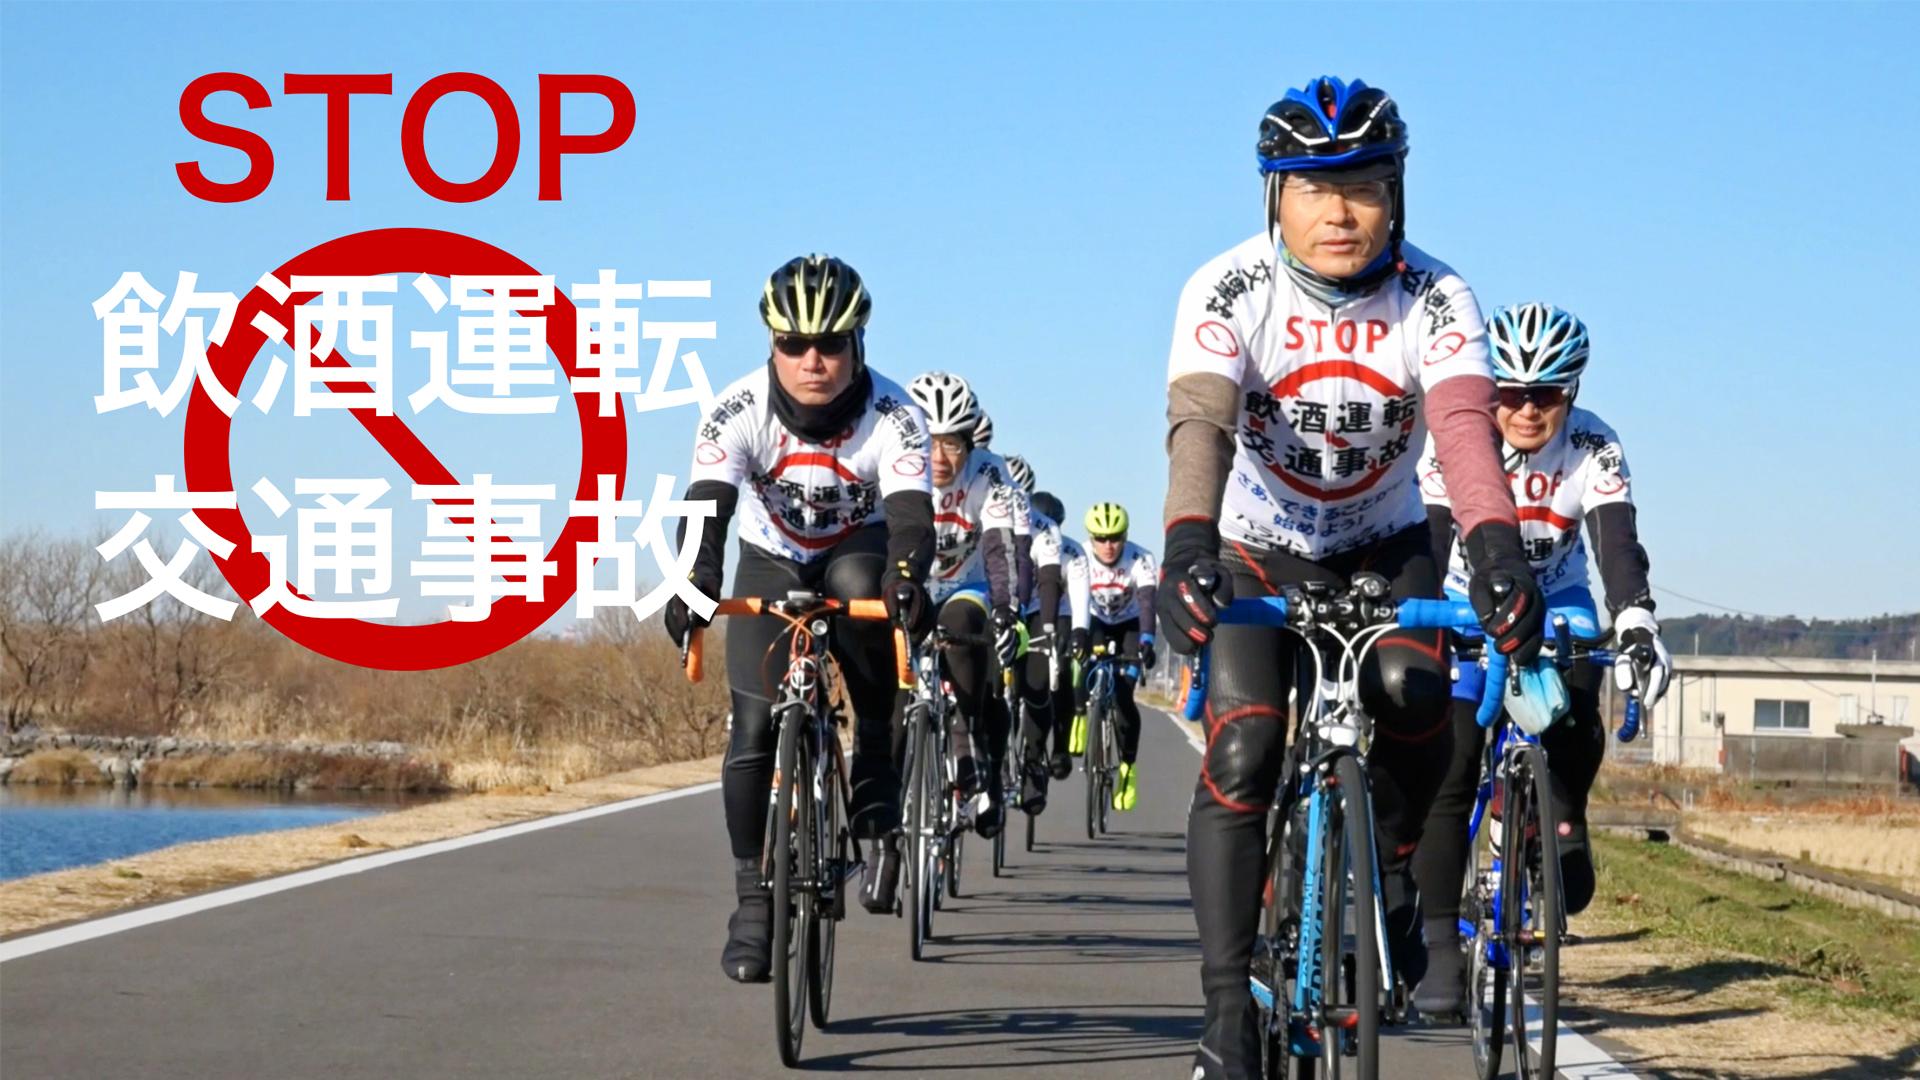 つくばを拠点に「STOP 飲酒運転・交通事故」を呼びかける活動をおこなっているサイクリングチームTCB (Tsukuba Cycle Base)のPR動画 / PR movie of Tsukuba Cycle Base for promoting